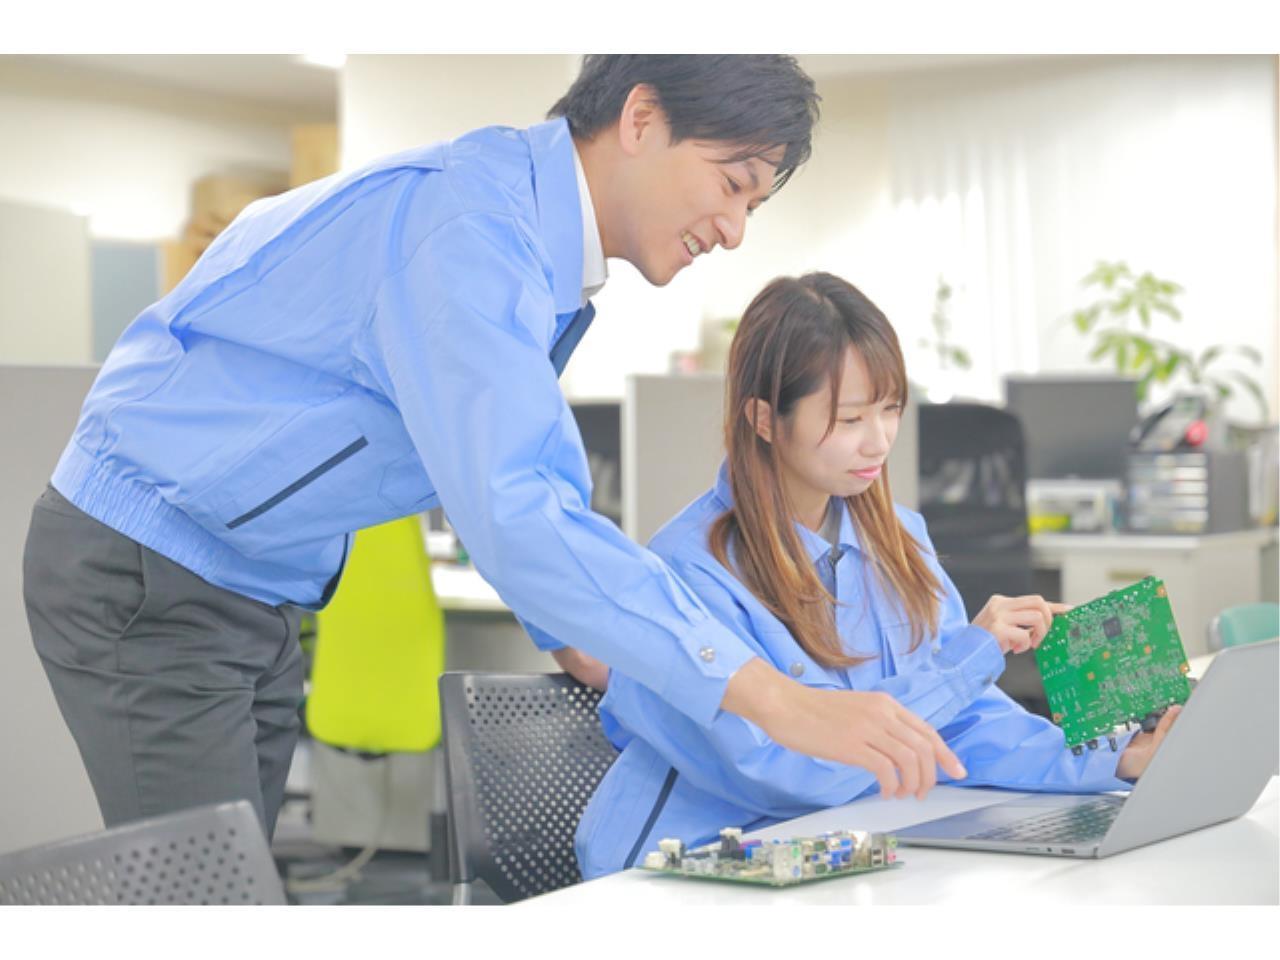 電子機器メーカーでの試作品の評価、調整業務